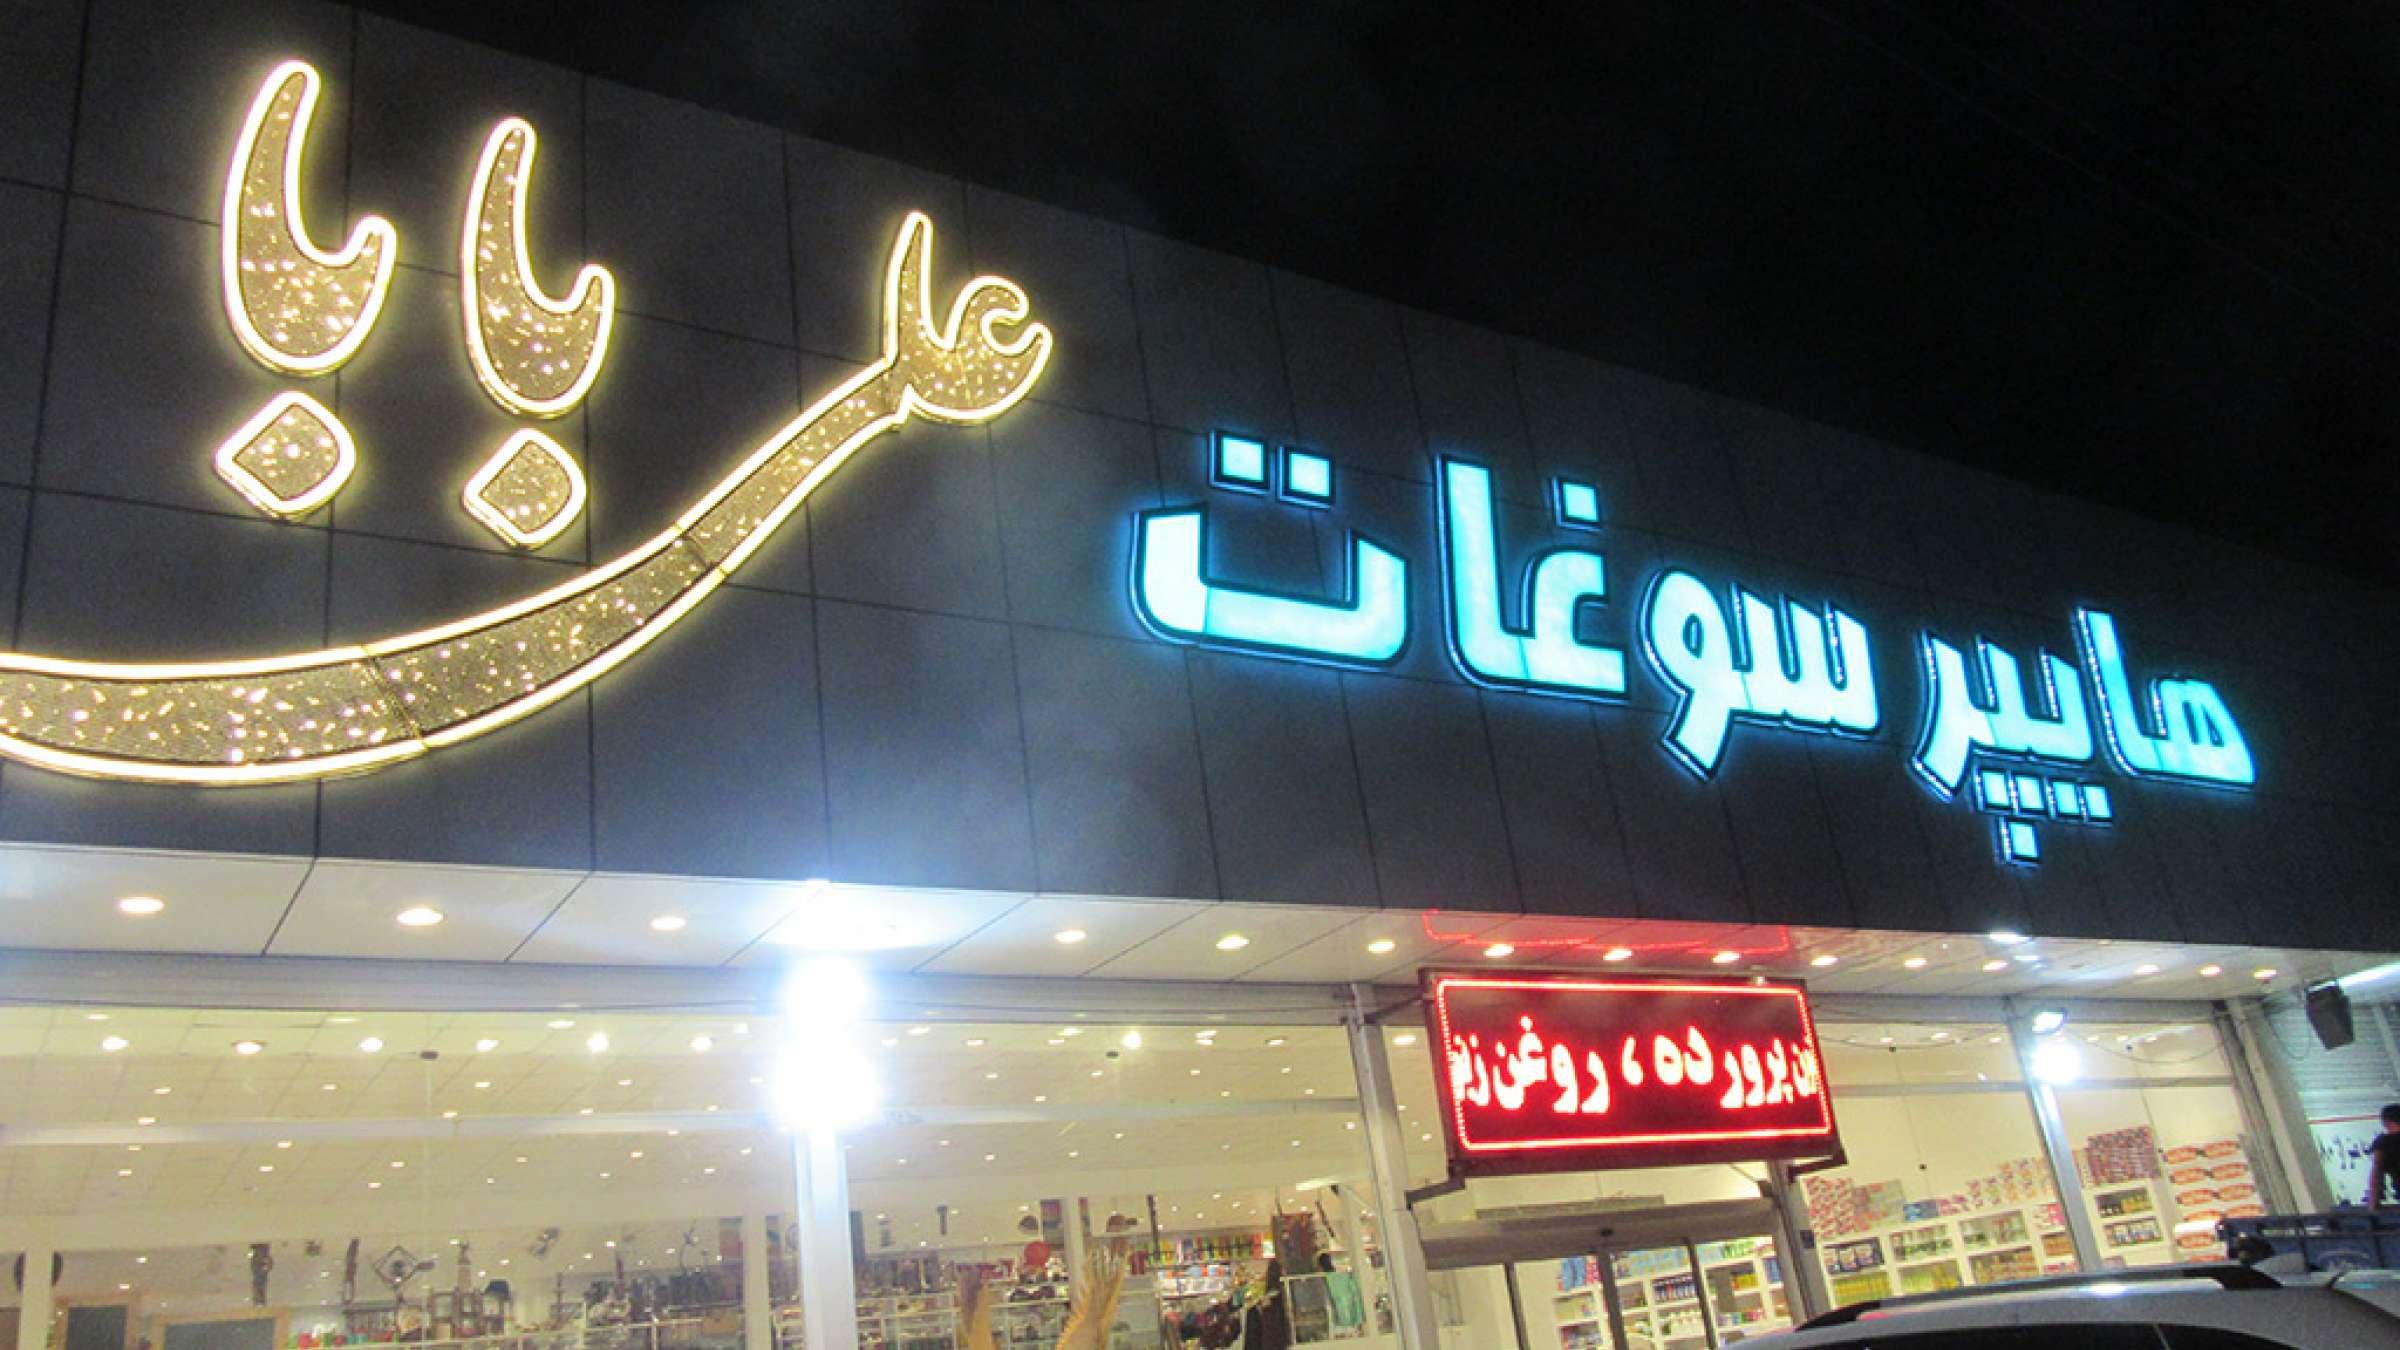 ادبیات-گلمحمدی-تهران-شهری-بیهویت-هایپر-سوغات-علی-بابا